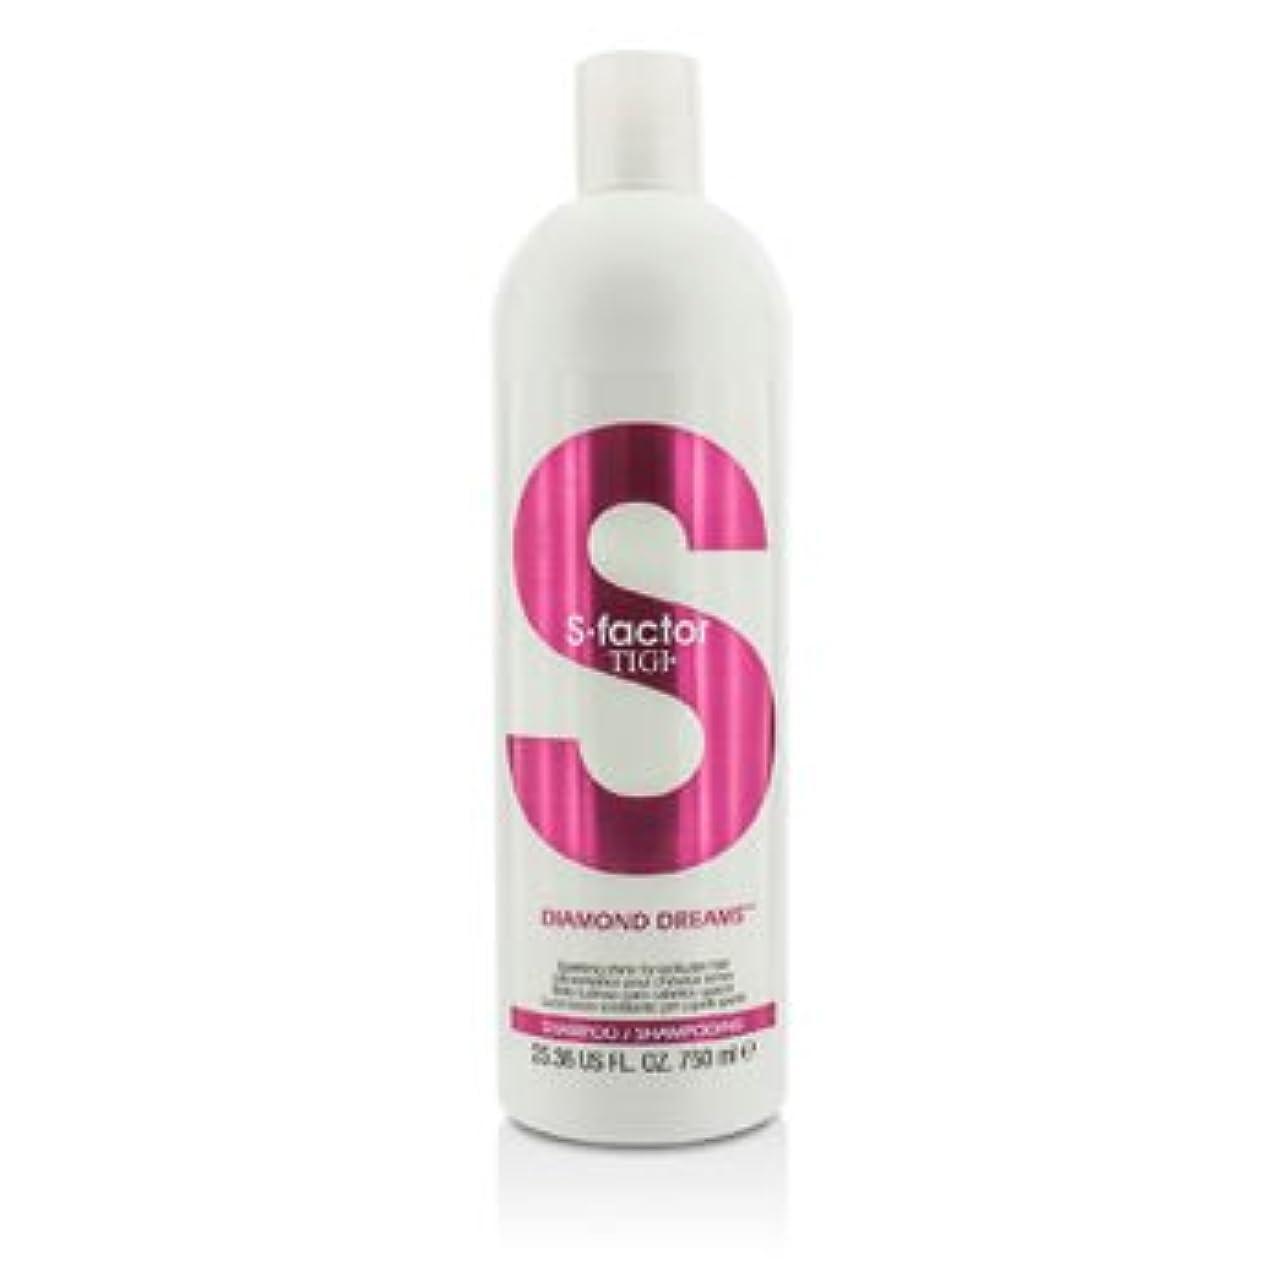 民間バター軸[Tigi] S Factor Diamond Dreams Shampoo (Sparkling Shine For Lacklustre Hair) 750ml/25.36oz